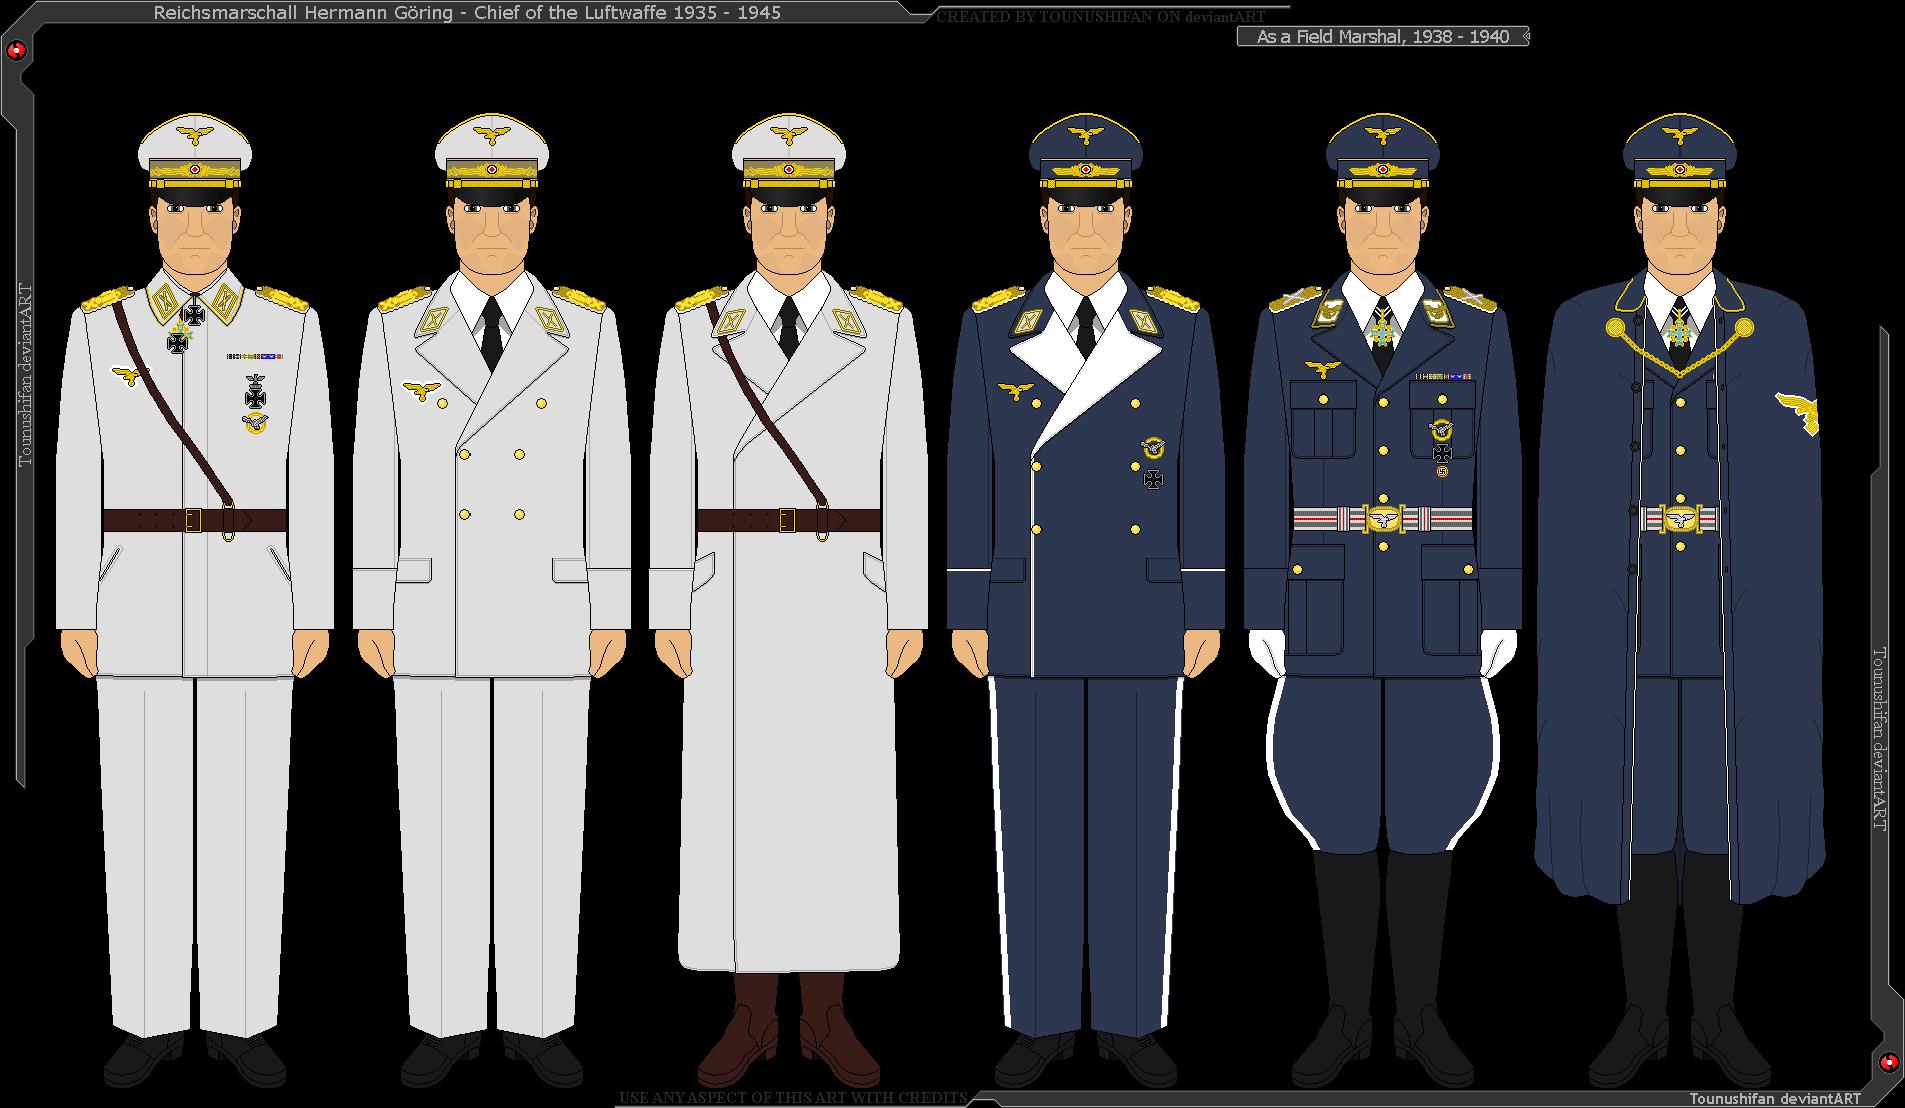 Some Of Reichsmarschall Hermann Goring S Uniforms By Grand